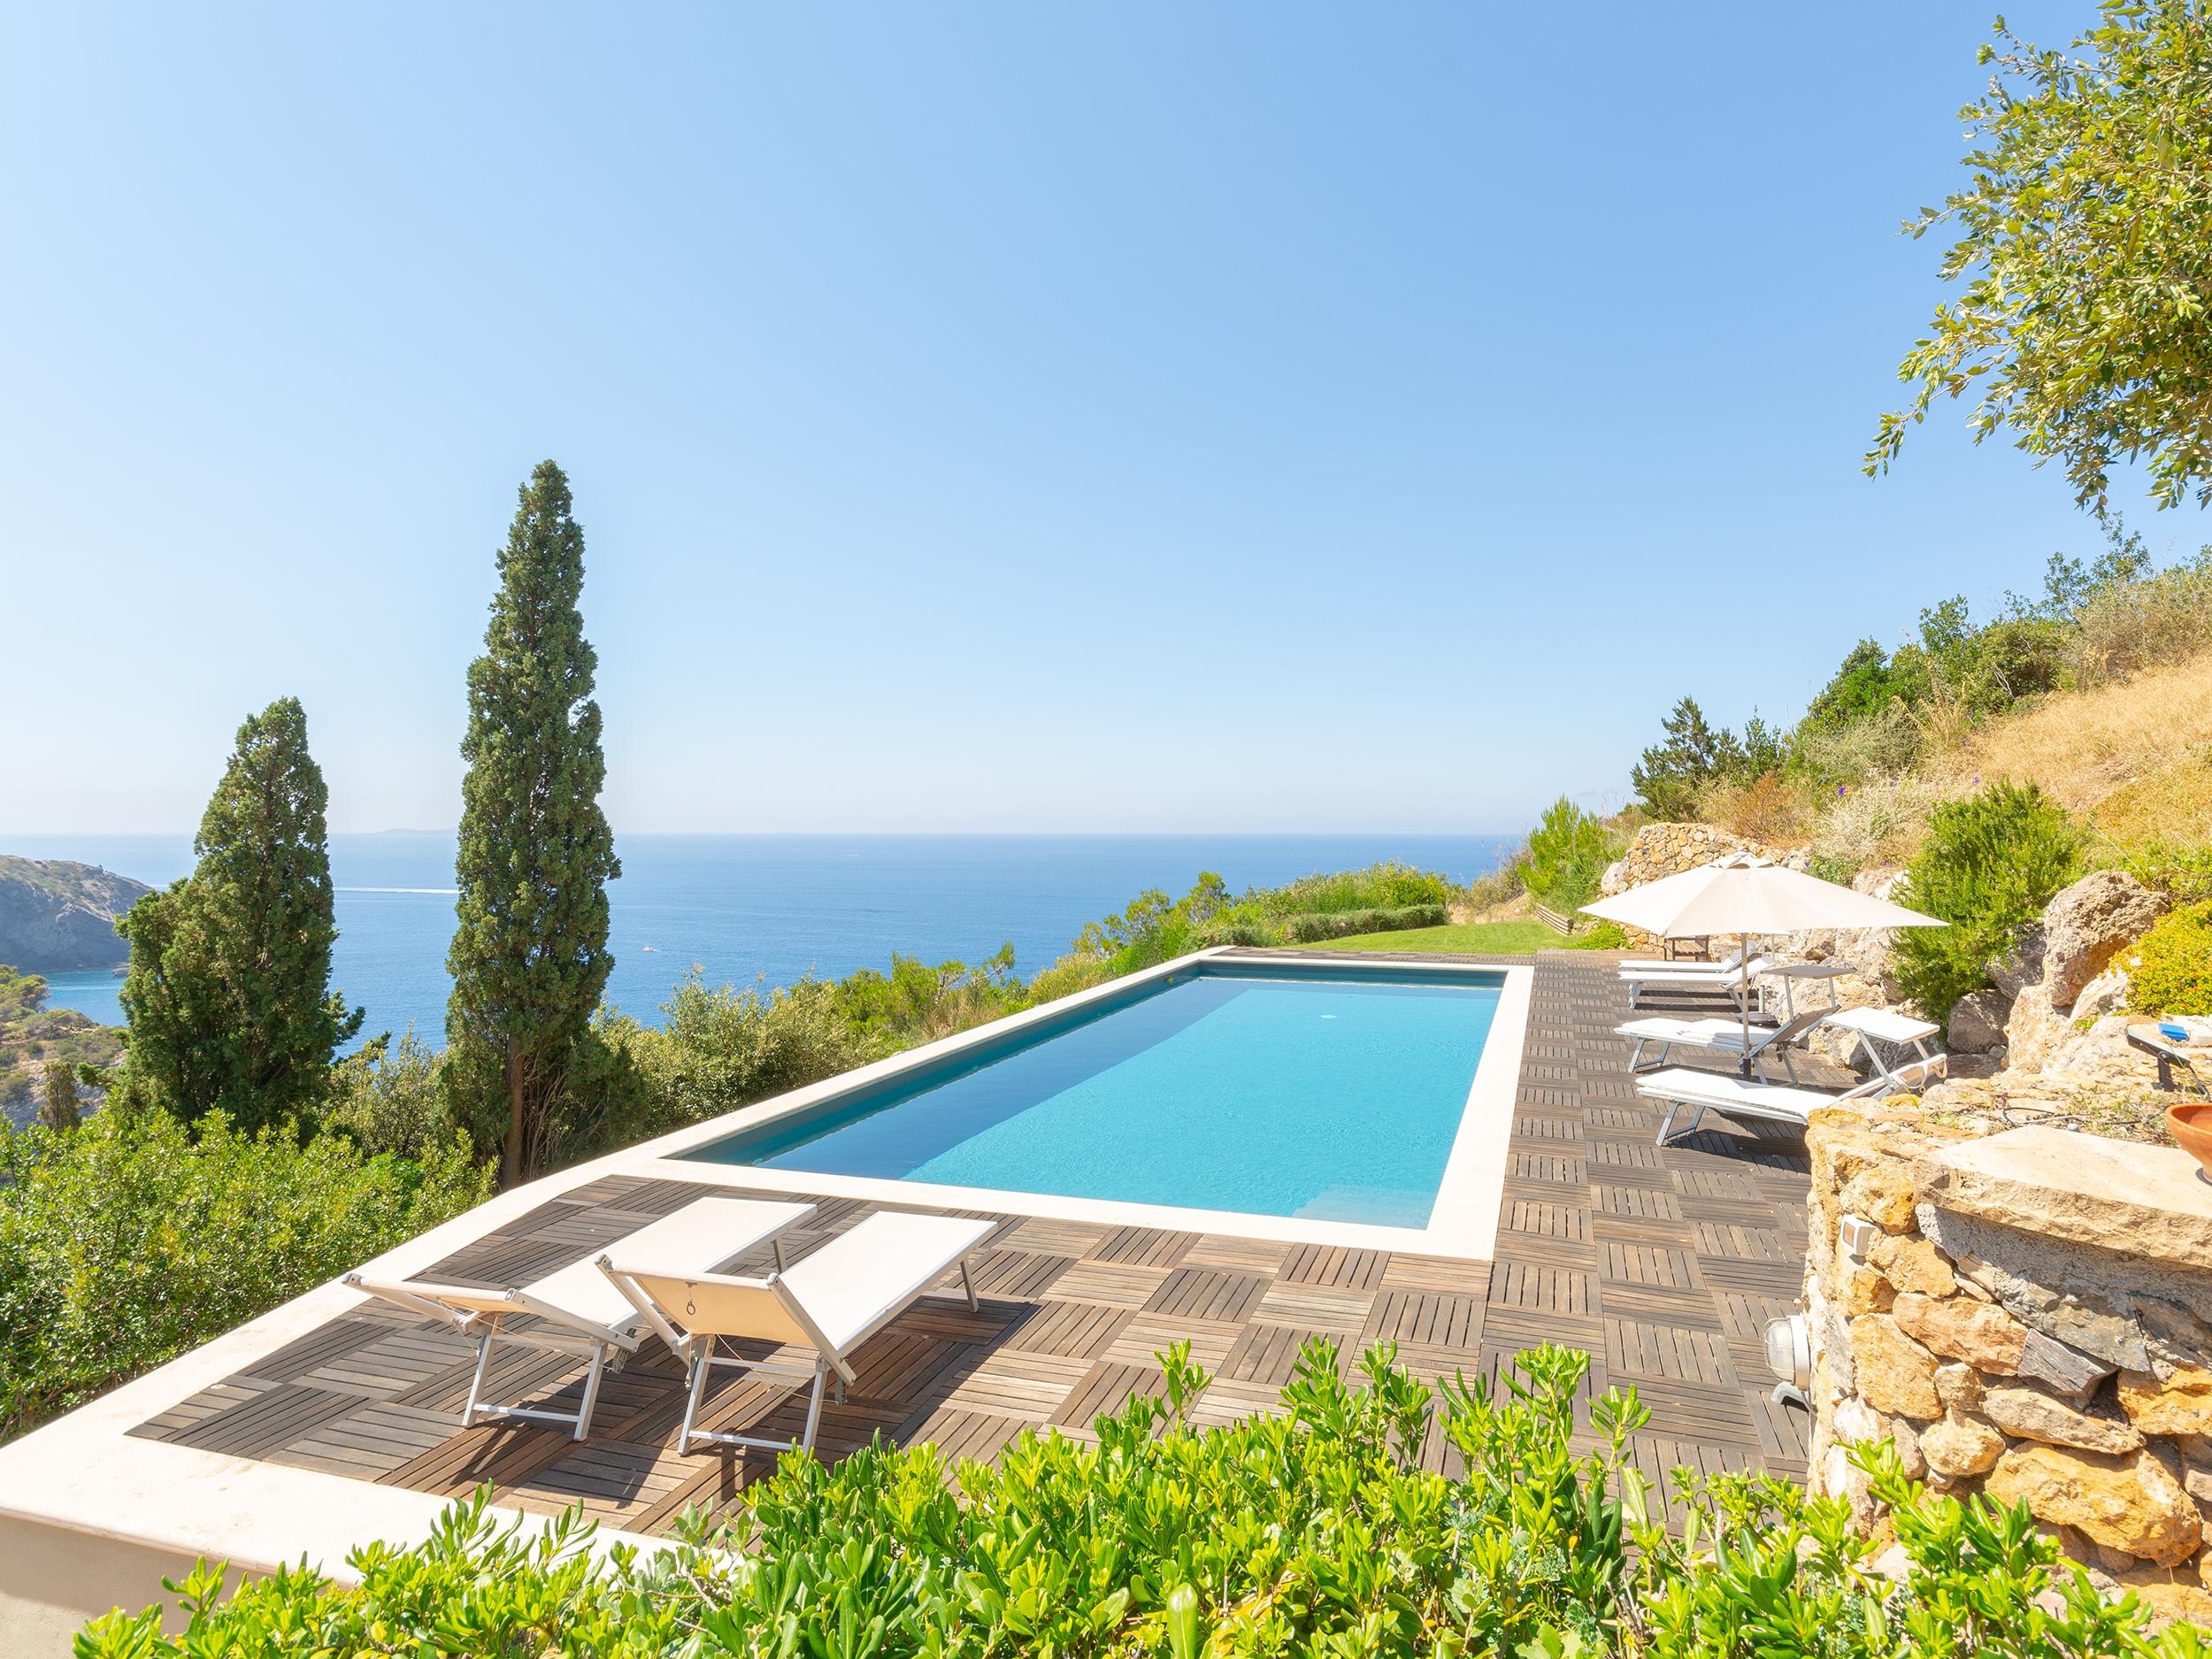 Toscana Cala Piccola / Santandrea - Gabetti Property Solutions